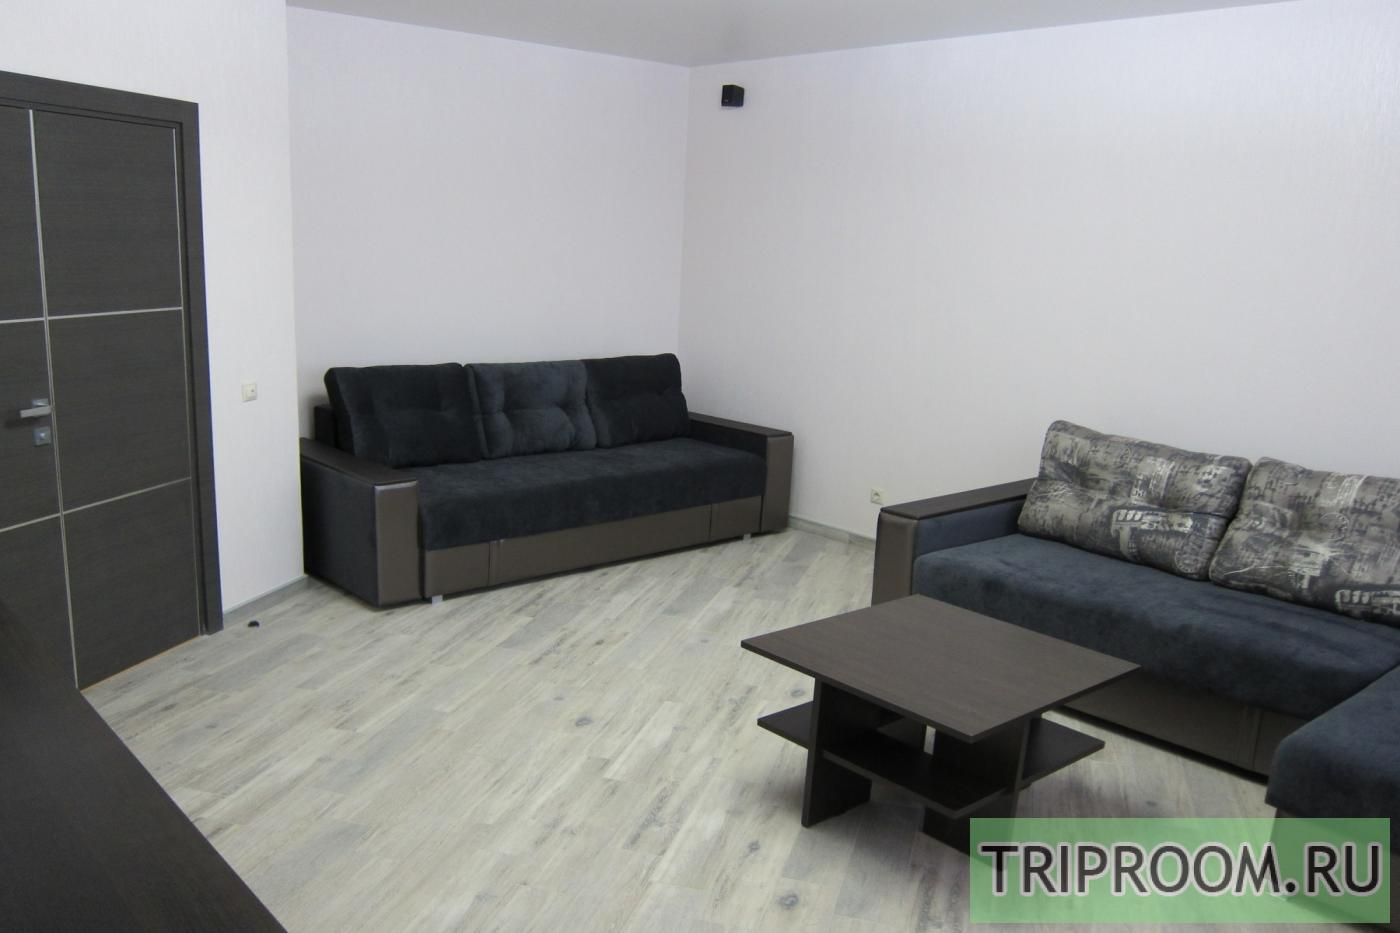 2-комнатная квартира посуточно (вариант № 21568), ул. Петра Смородина, фото № 2